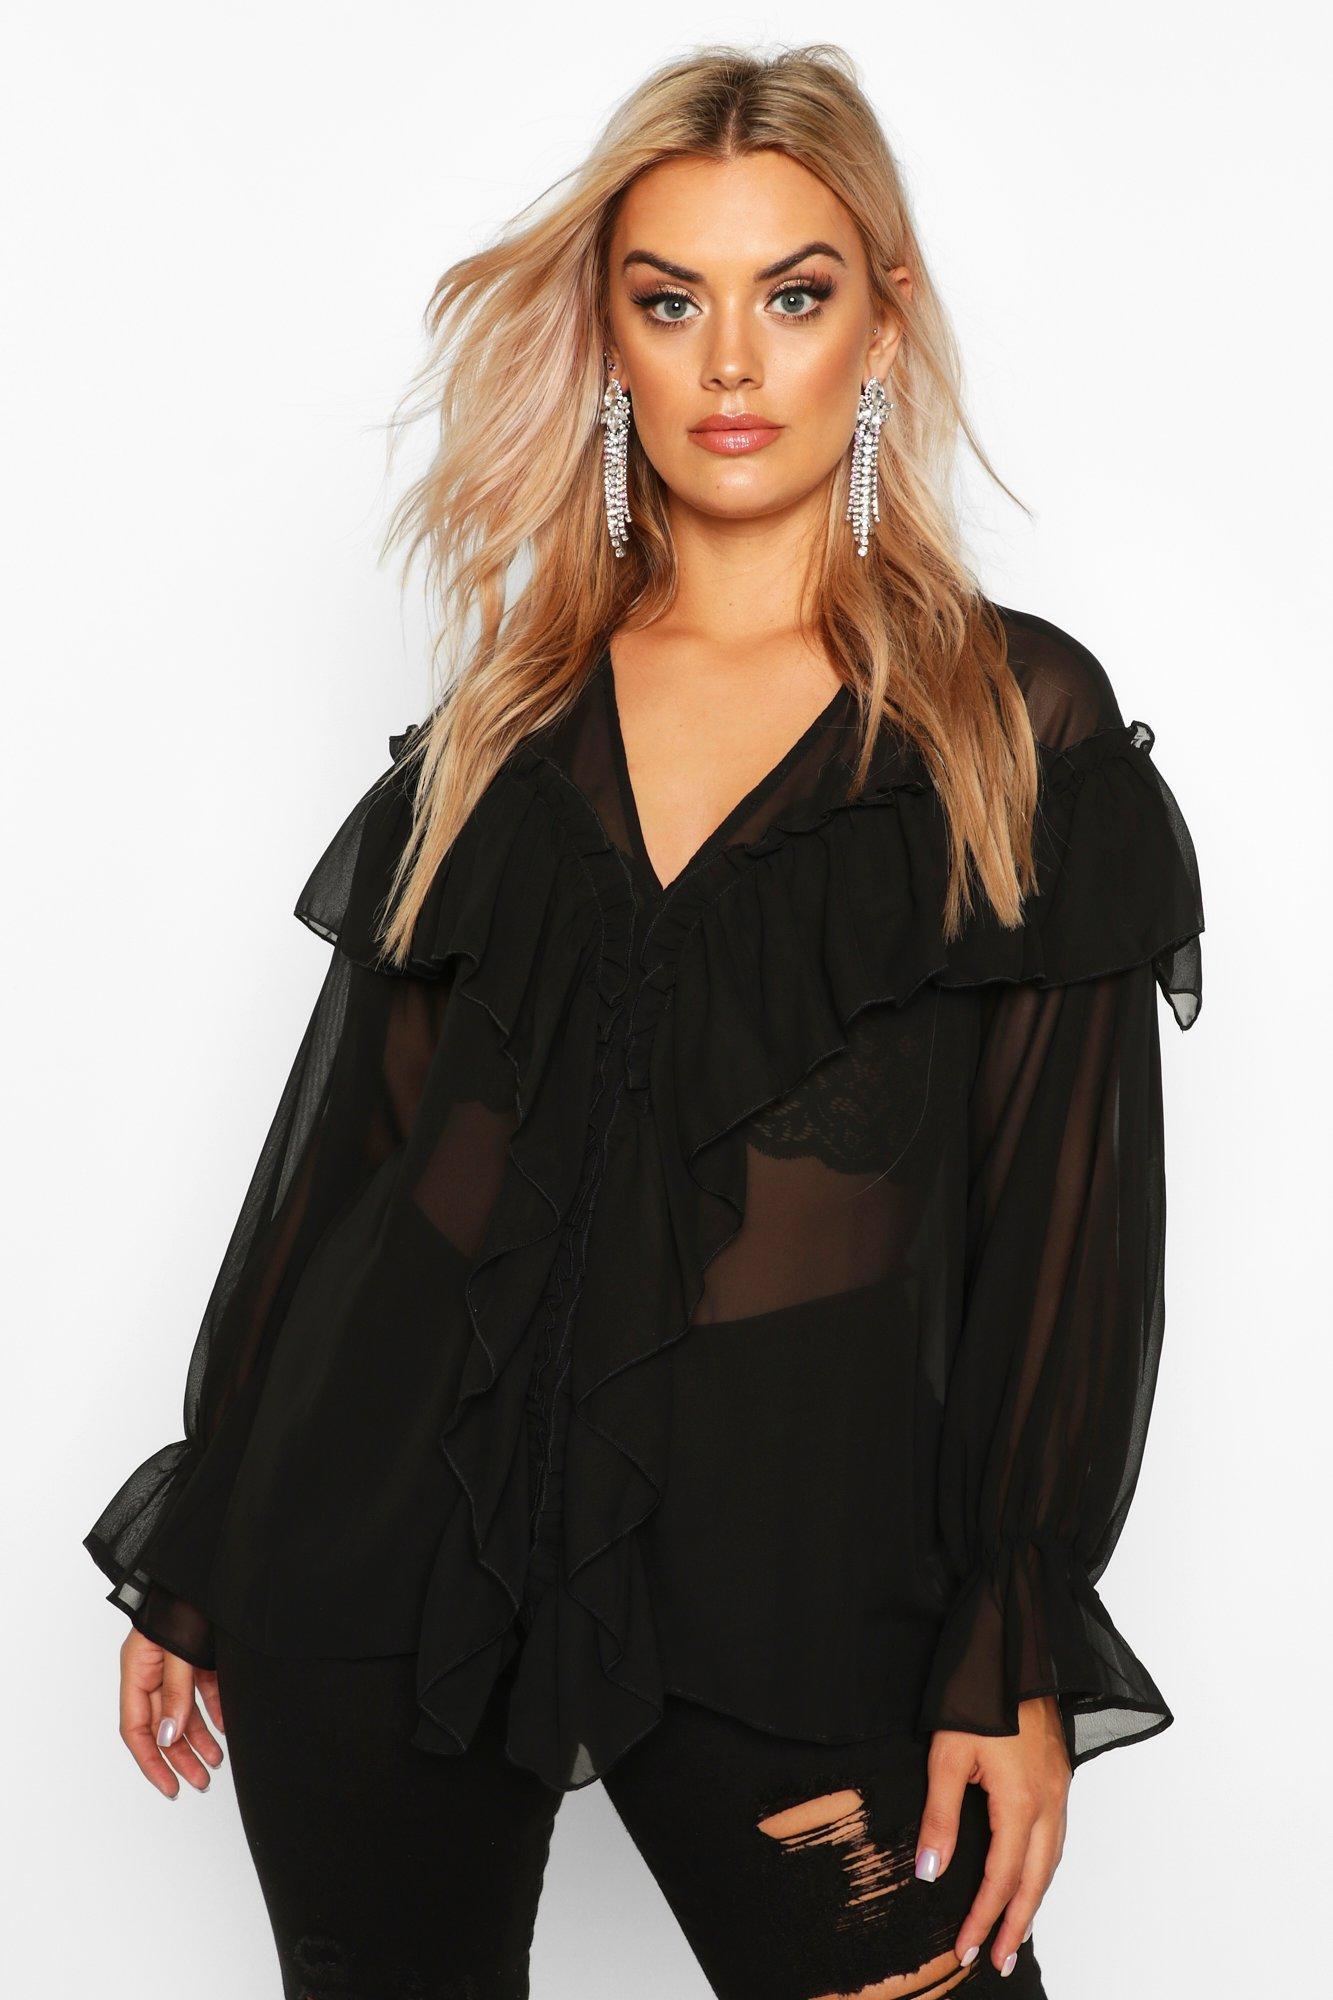 Womens Plus Web-Bluse mit Rüschendetail - schwarz - 42, Schwarz - Boohoo.com